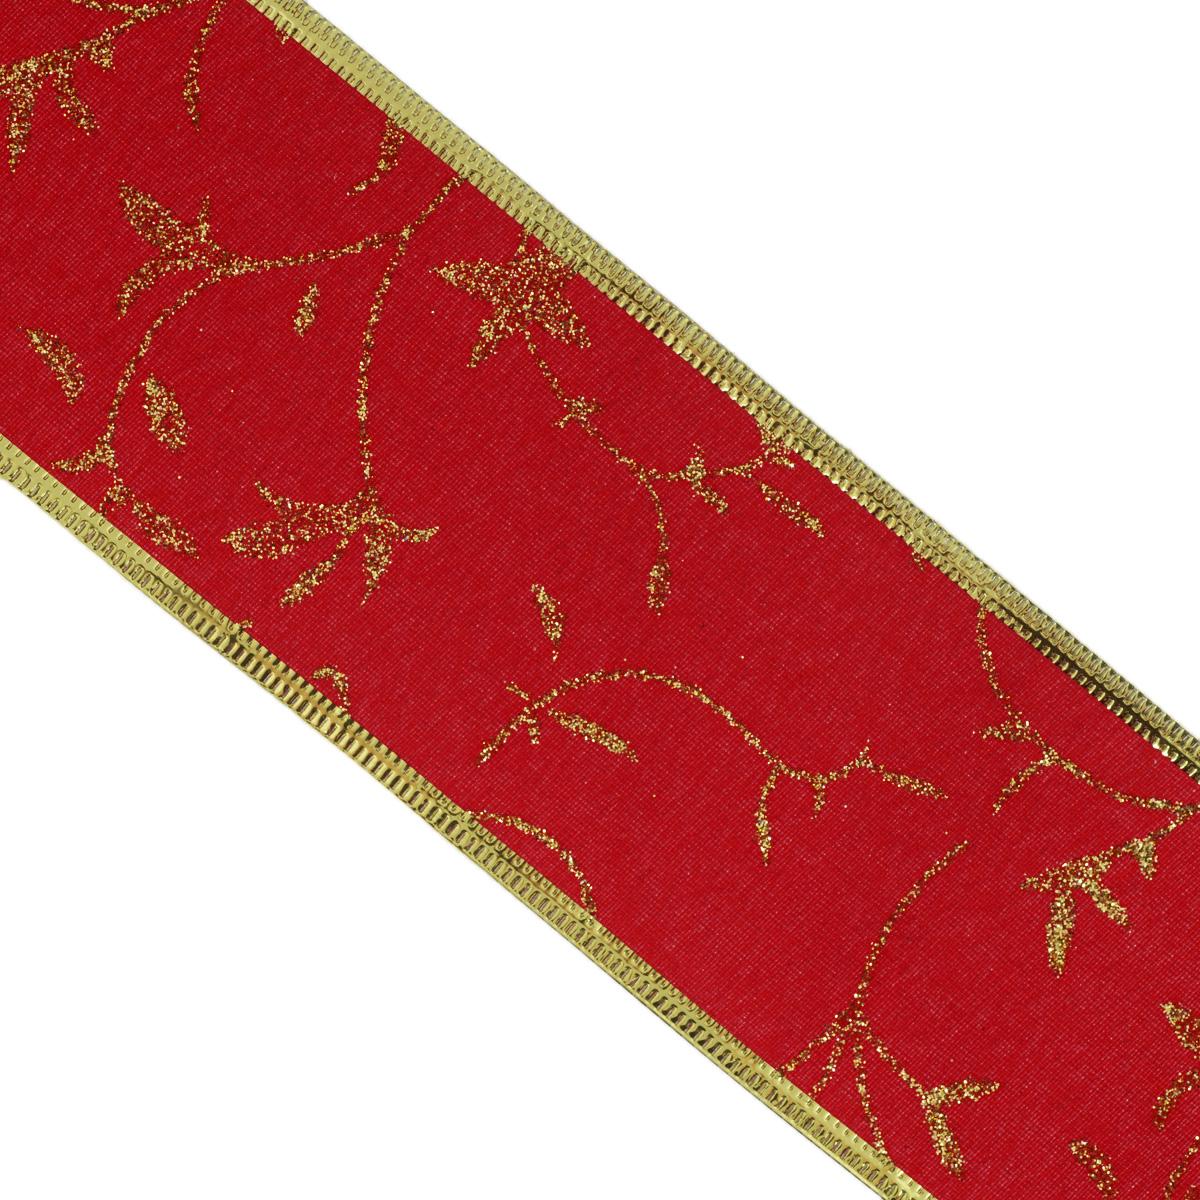 Декоративная лента Феникс-презент, цвет: красный, 2,7 м. 35391CP00436Декоративная лента Феникс-презент выполнена из полиэстера и декорирована оригинальным узором и блестками. В края ленты вставлена проволока, благодаря чему ее легко фиксировать. Лента предназначена для оформления подарочных коробок, пакетов. Кроме того, декоративная лента с успехом применяется для художественного оформления витрин, праздничного оформления помещений, изготовления искусственных цветов. Декоративная лента украсит интерьер вашего дома к любым праздникам.Ширина ленты: 6,3 см.